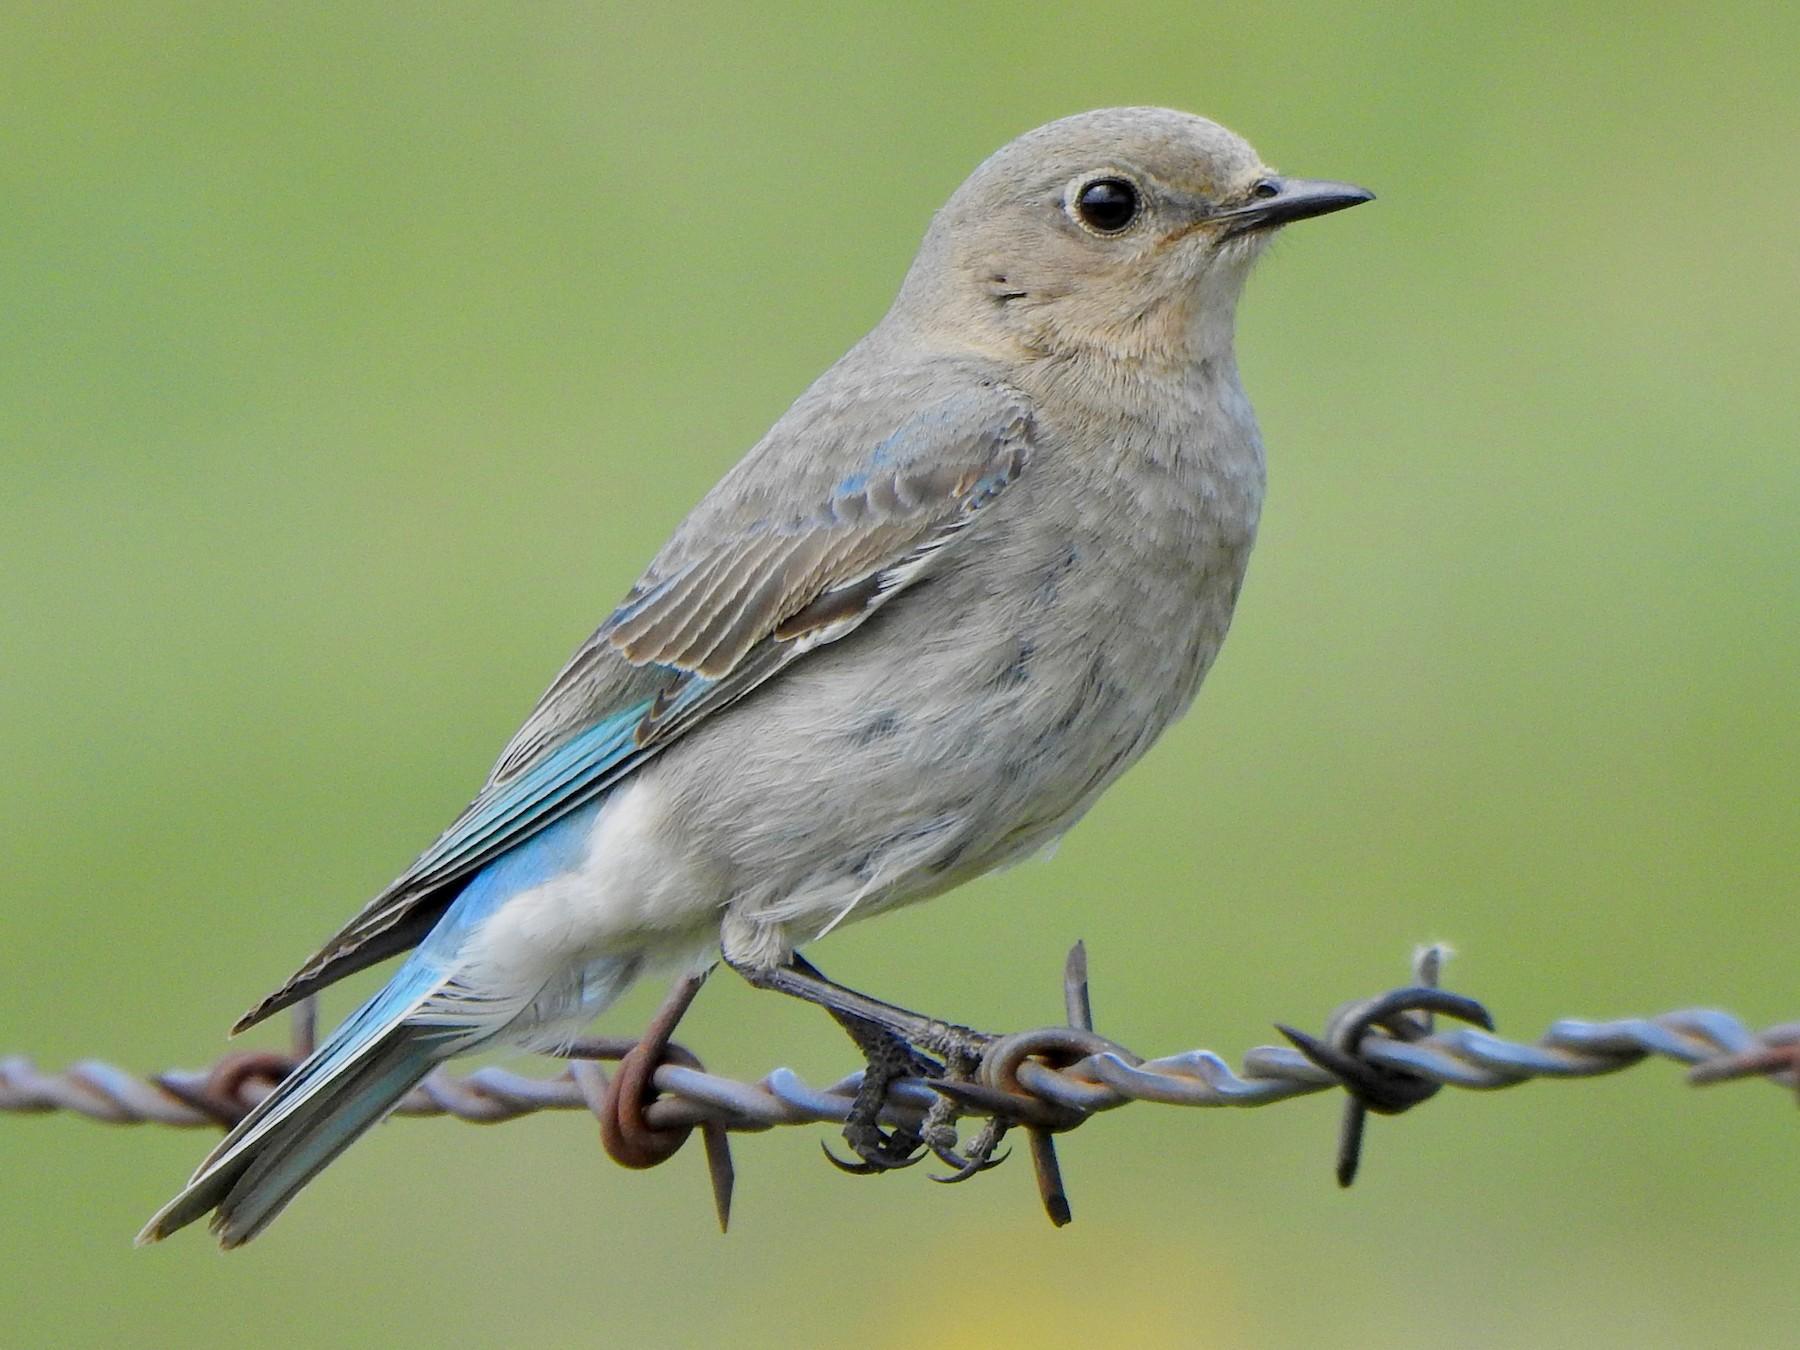 Mountain Bluebird - Kalin Ocaña